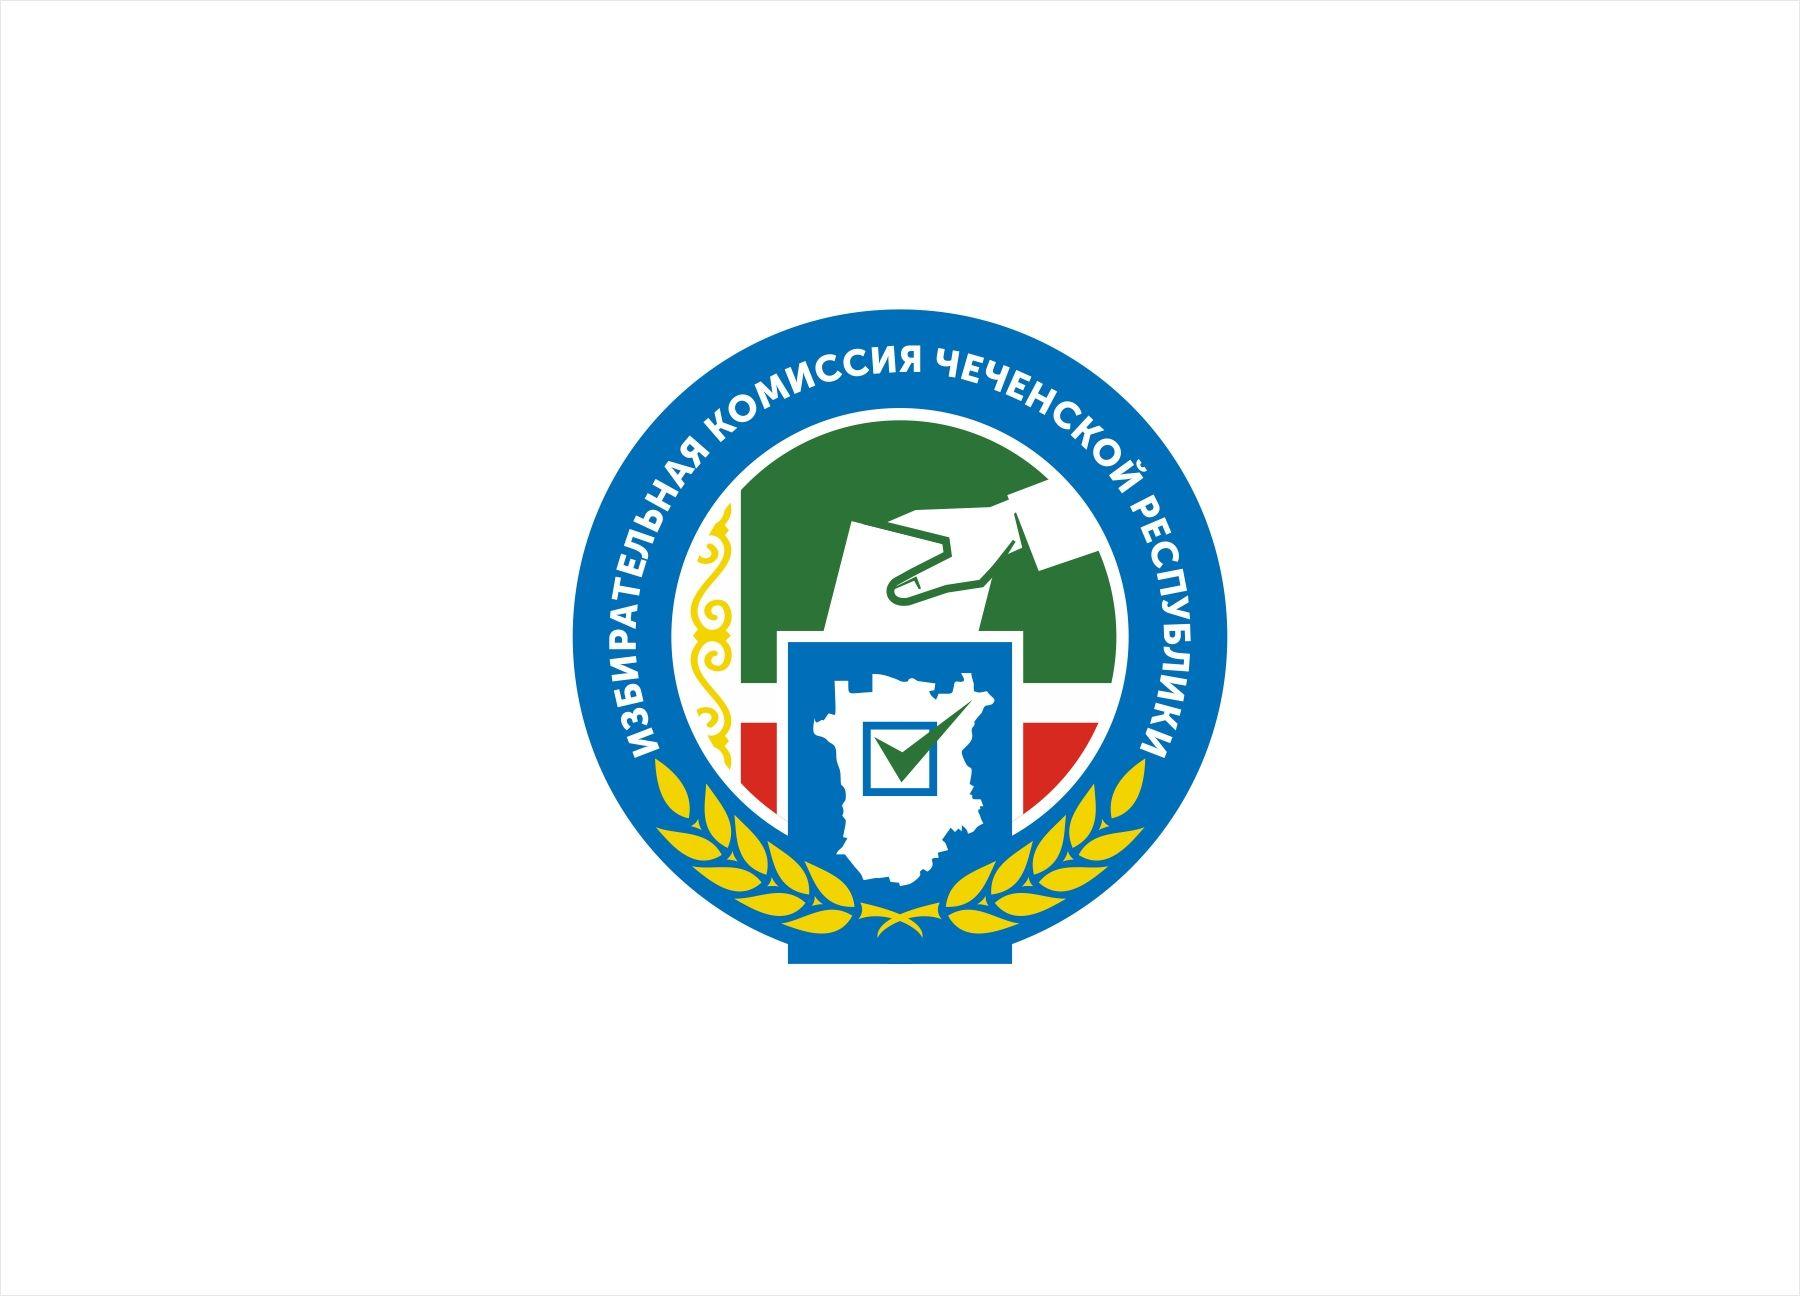 Логотип для Избирательная комиссия Чеченской Республики - дизайнер kras-sky